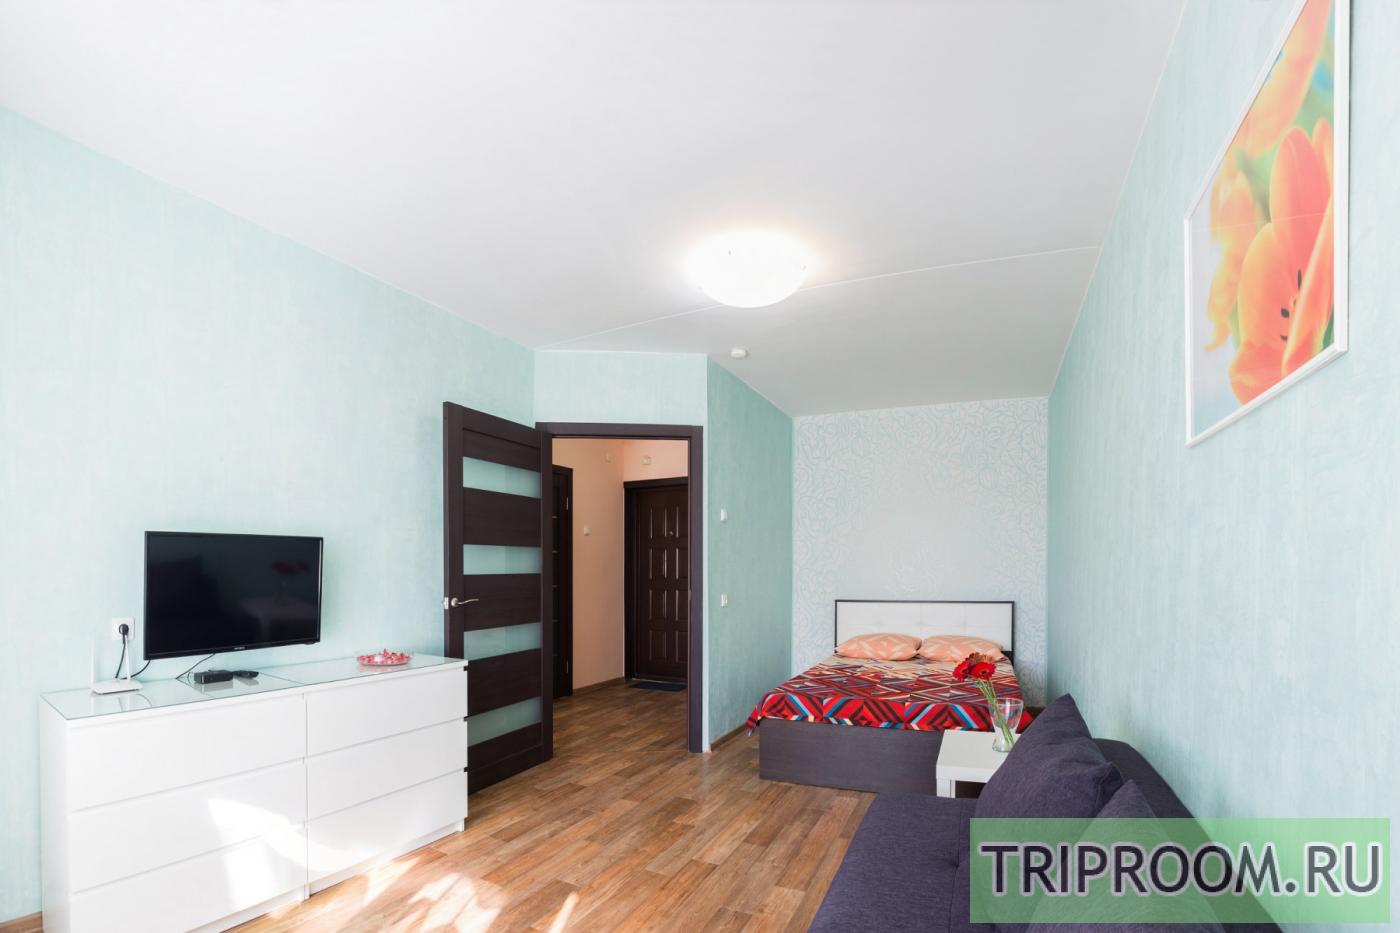 1-комнатная квартира посуточно (вариант № 33104), ул. Вилонова улица, фото № 4